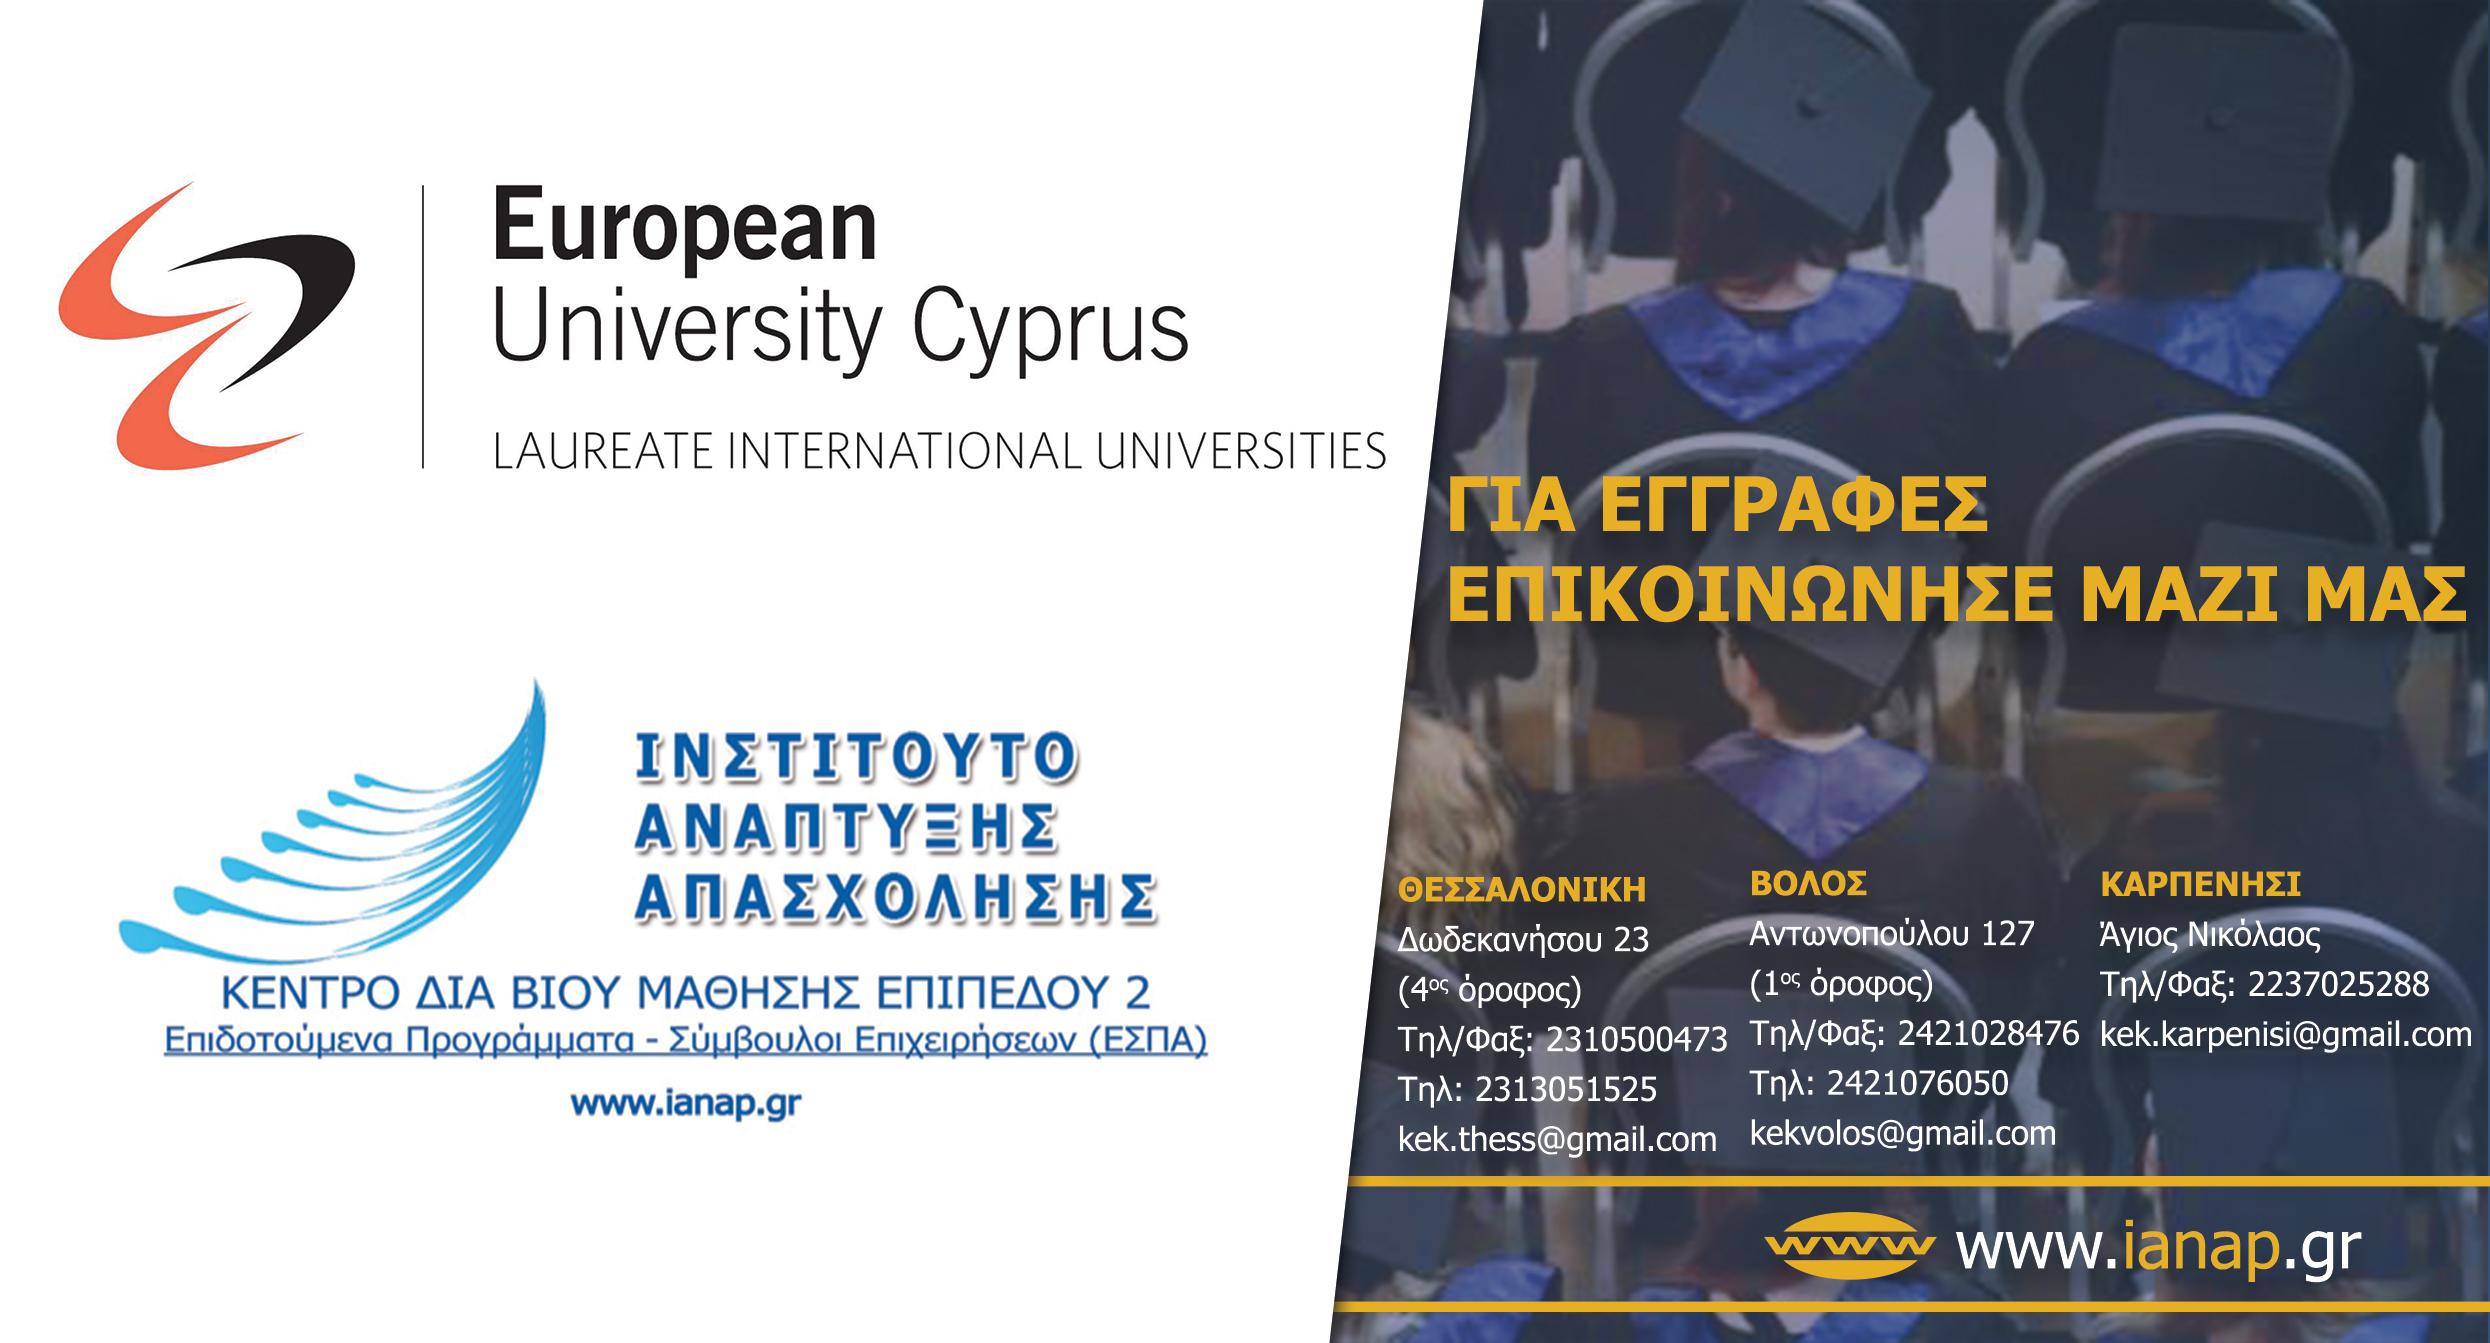 Μεταπτυχιακά προγράμματα εξ αποστάσεως Κύπρος